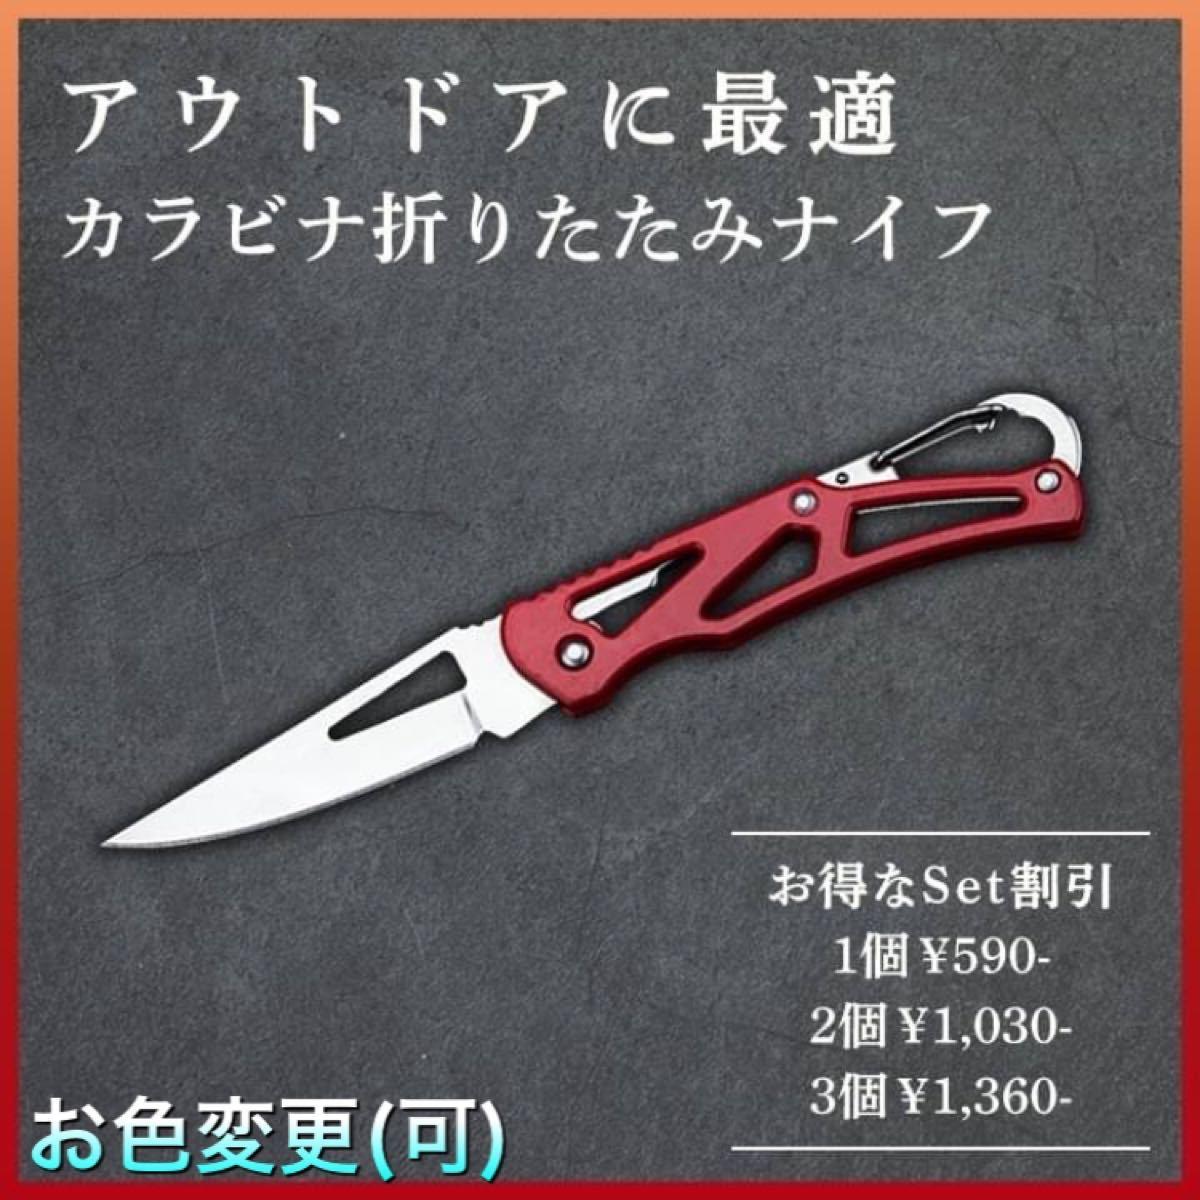 【アウトドアに最適】カラビナ折りたたみナイフ★赤色★釣り キャンプ サバイバル